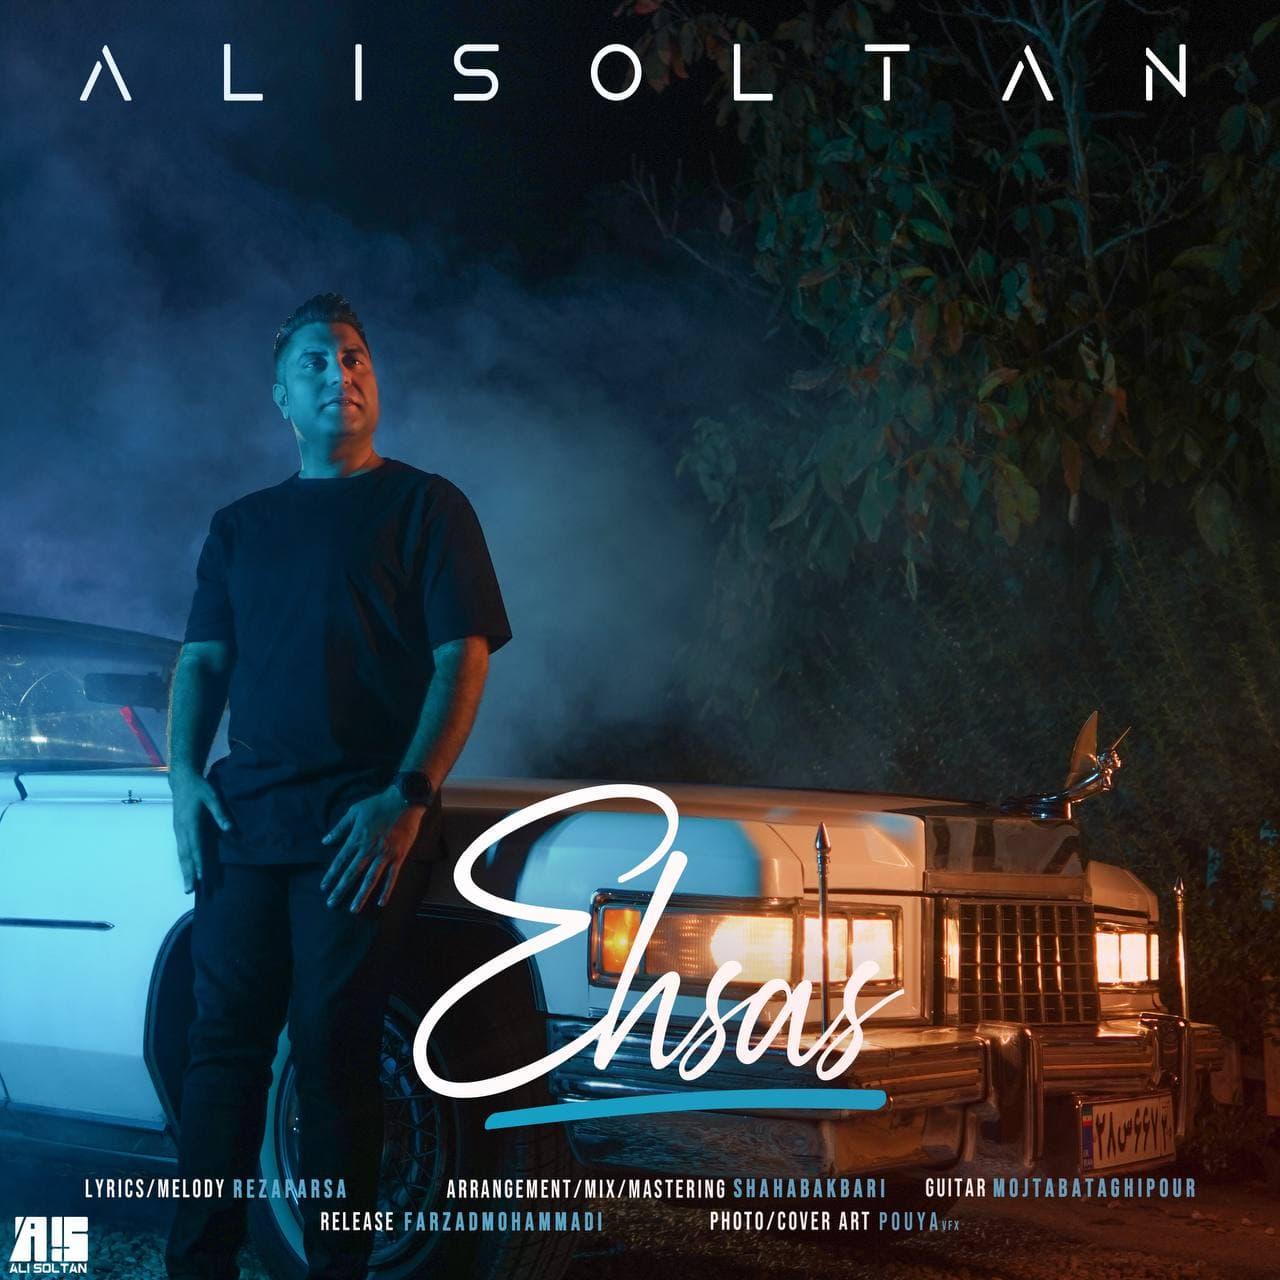 دانلود موزیک جدید علی سلطان احساس